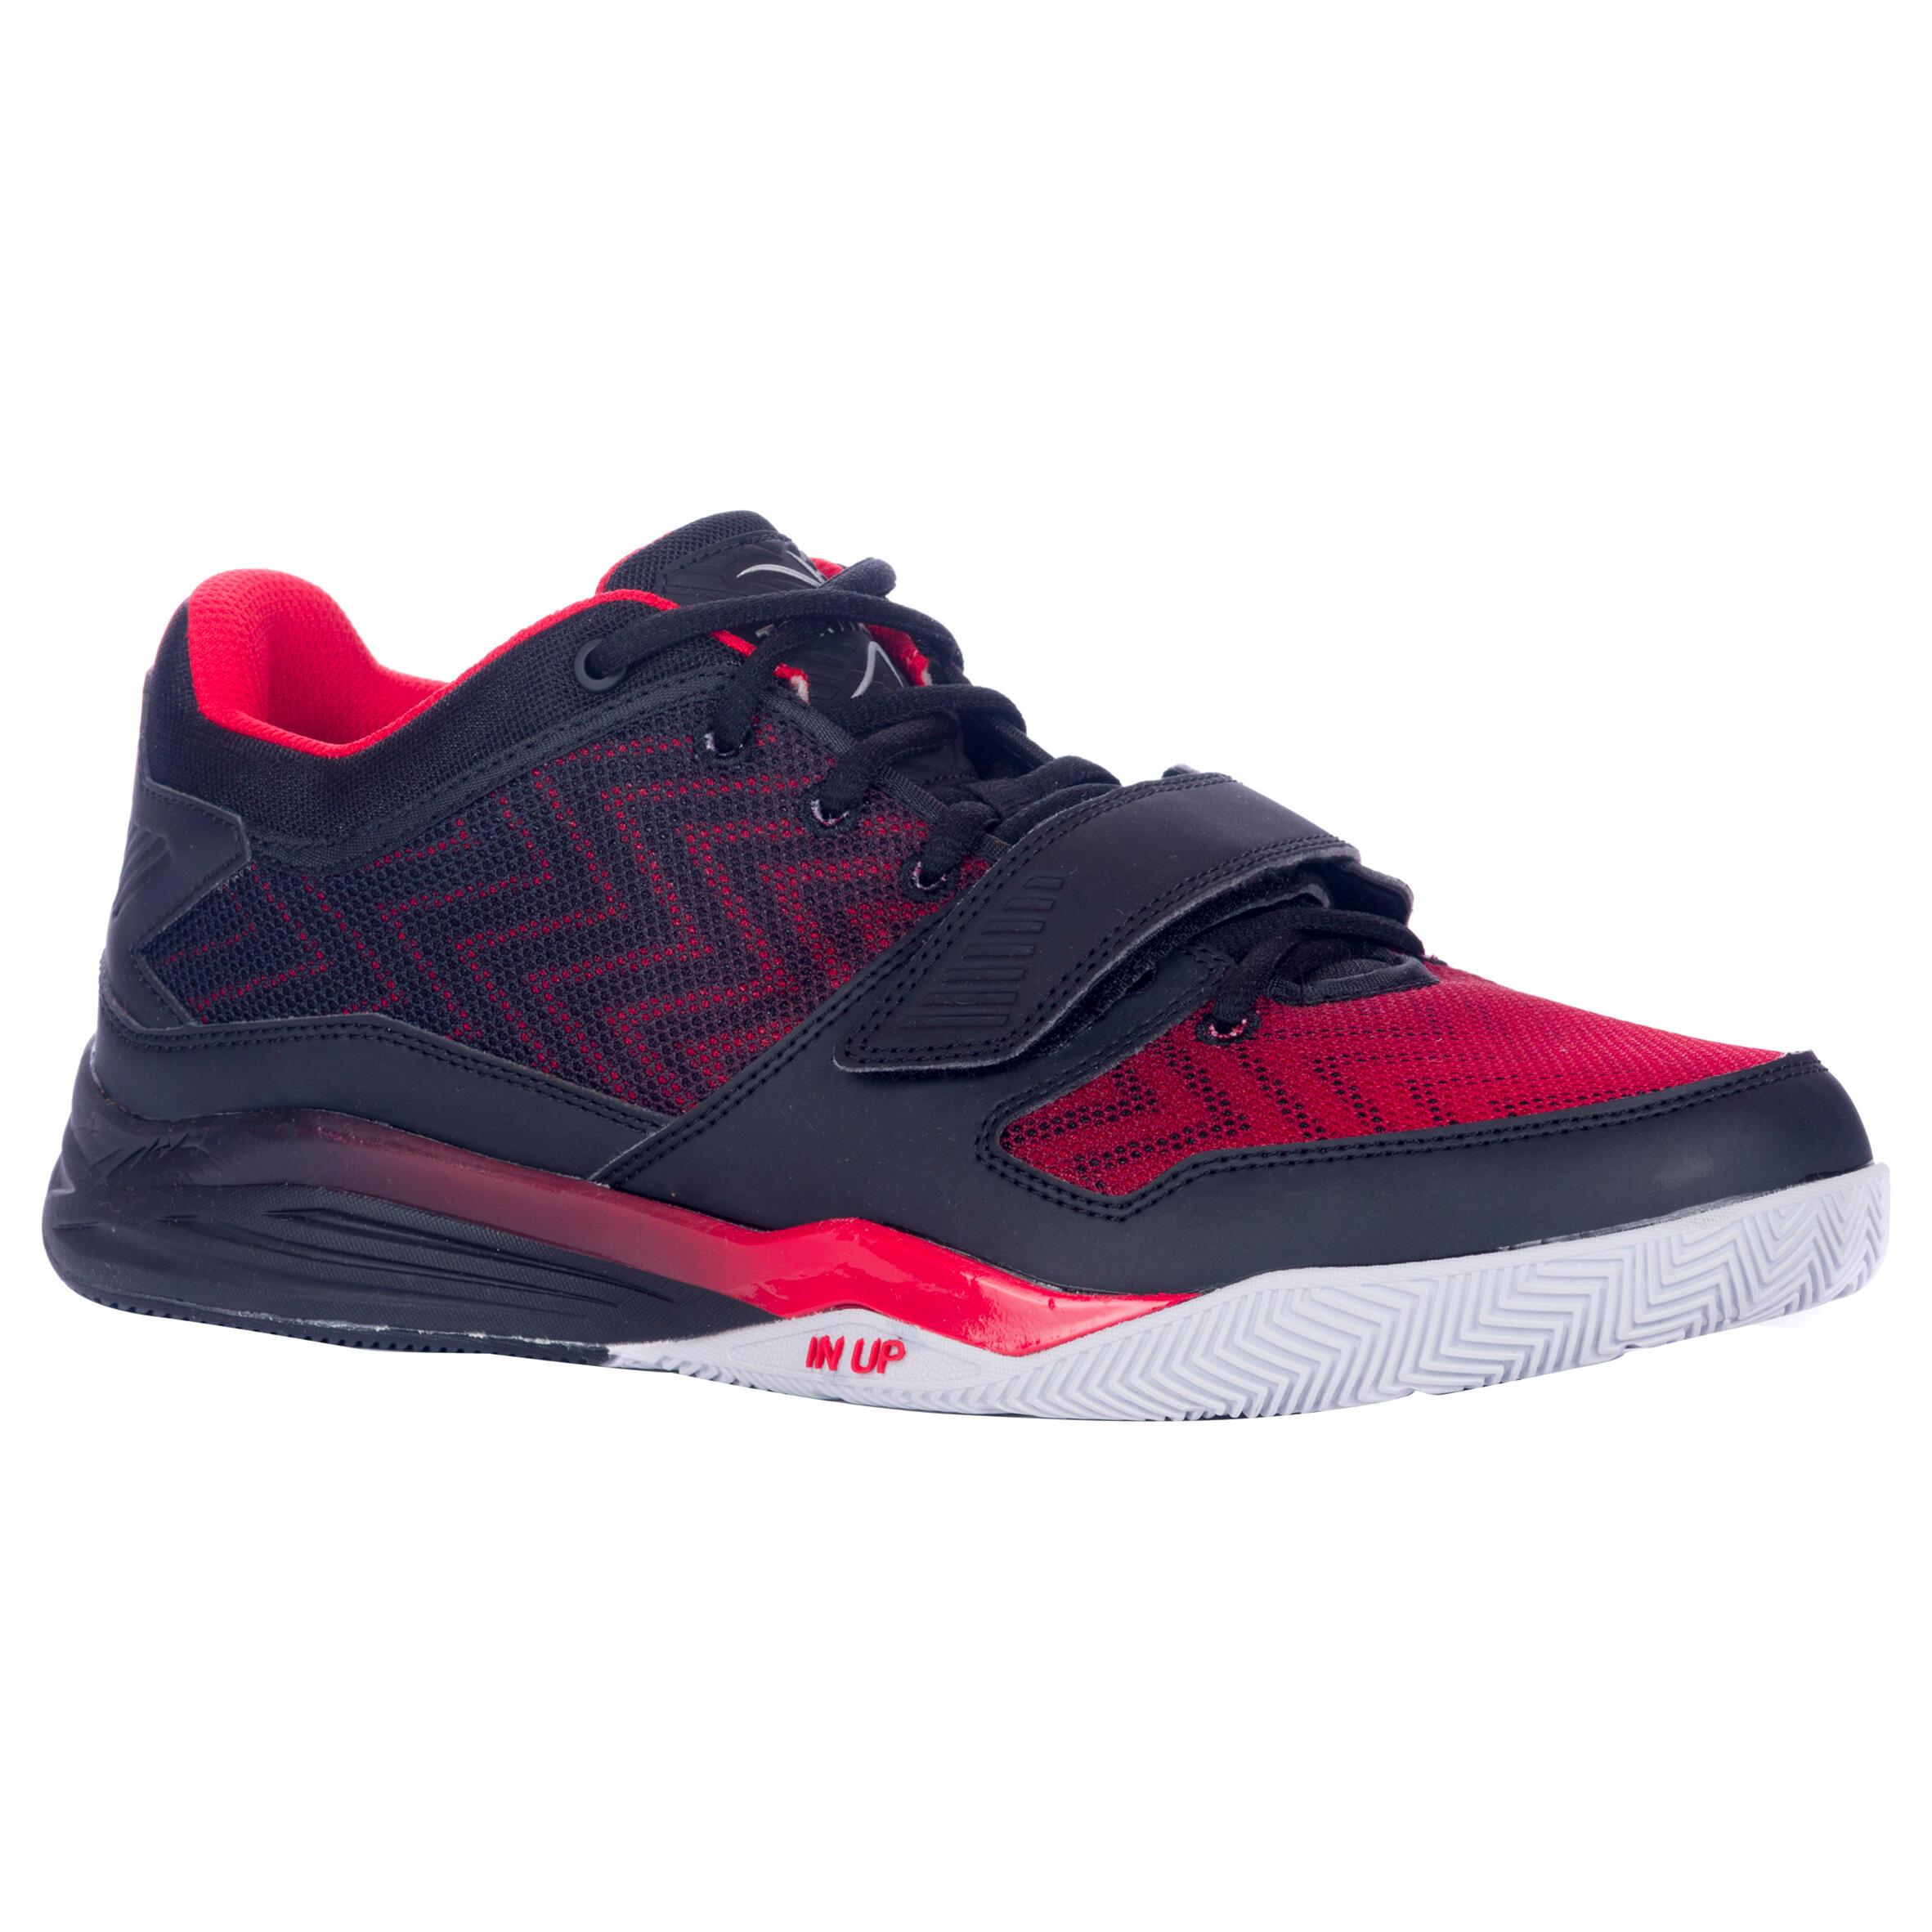 nouveau concept ad0e0 e9c0b Chaussures de basketball femme | Chaussures de basket femme ...